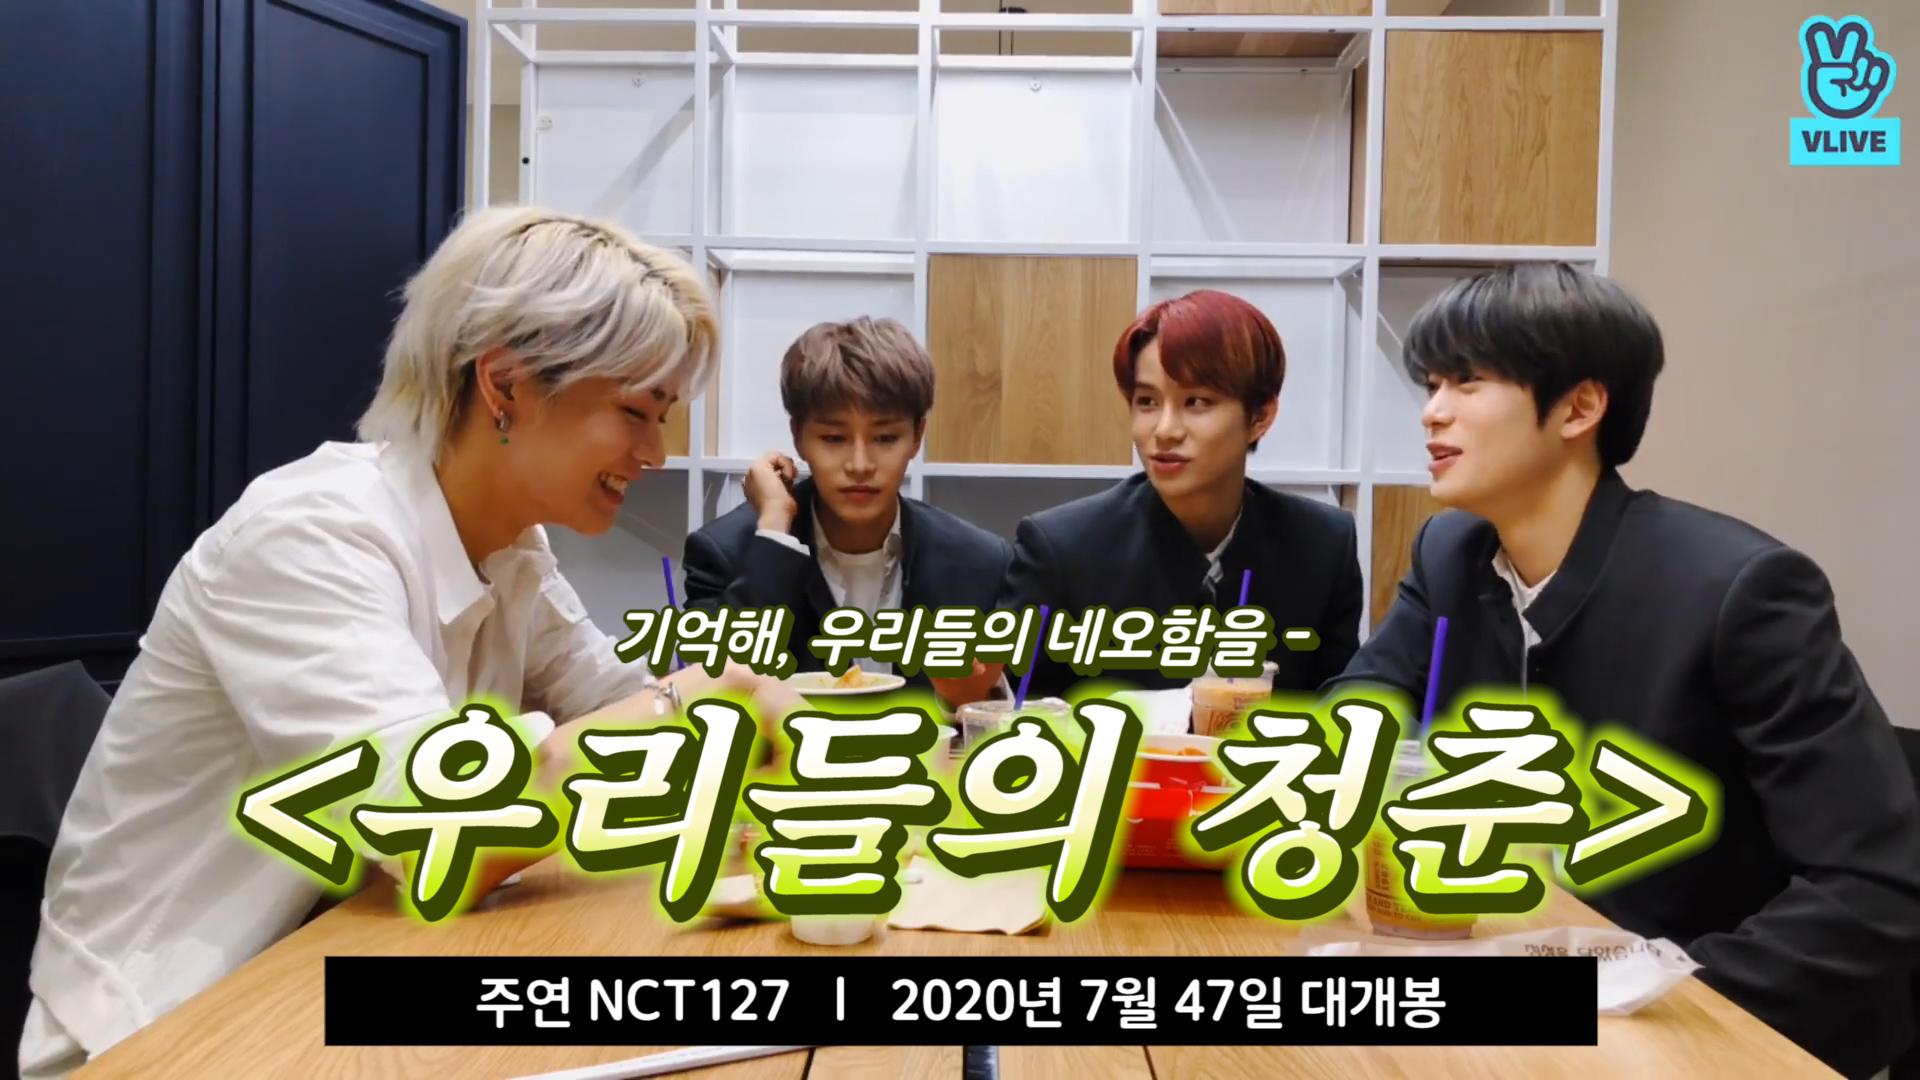 [NCT] 🎬기억해, 우리들의 네오함을- <우리들의 청춘> 7월 47일 대개봉💚 (NCT's AprilFool'sDay)